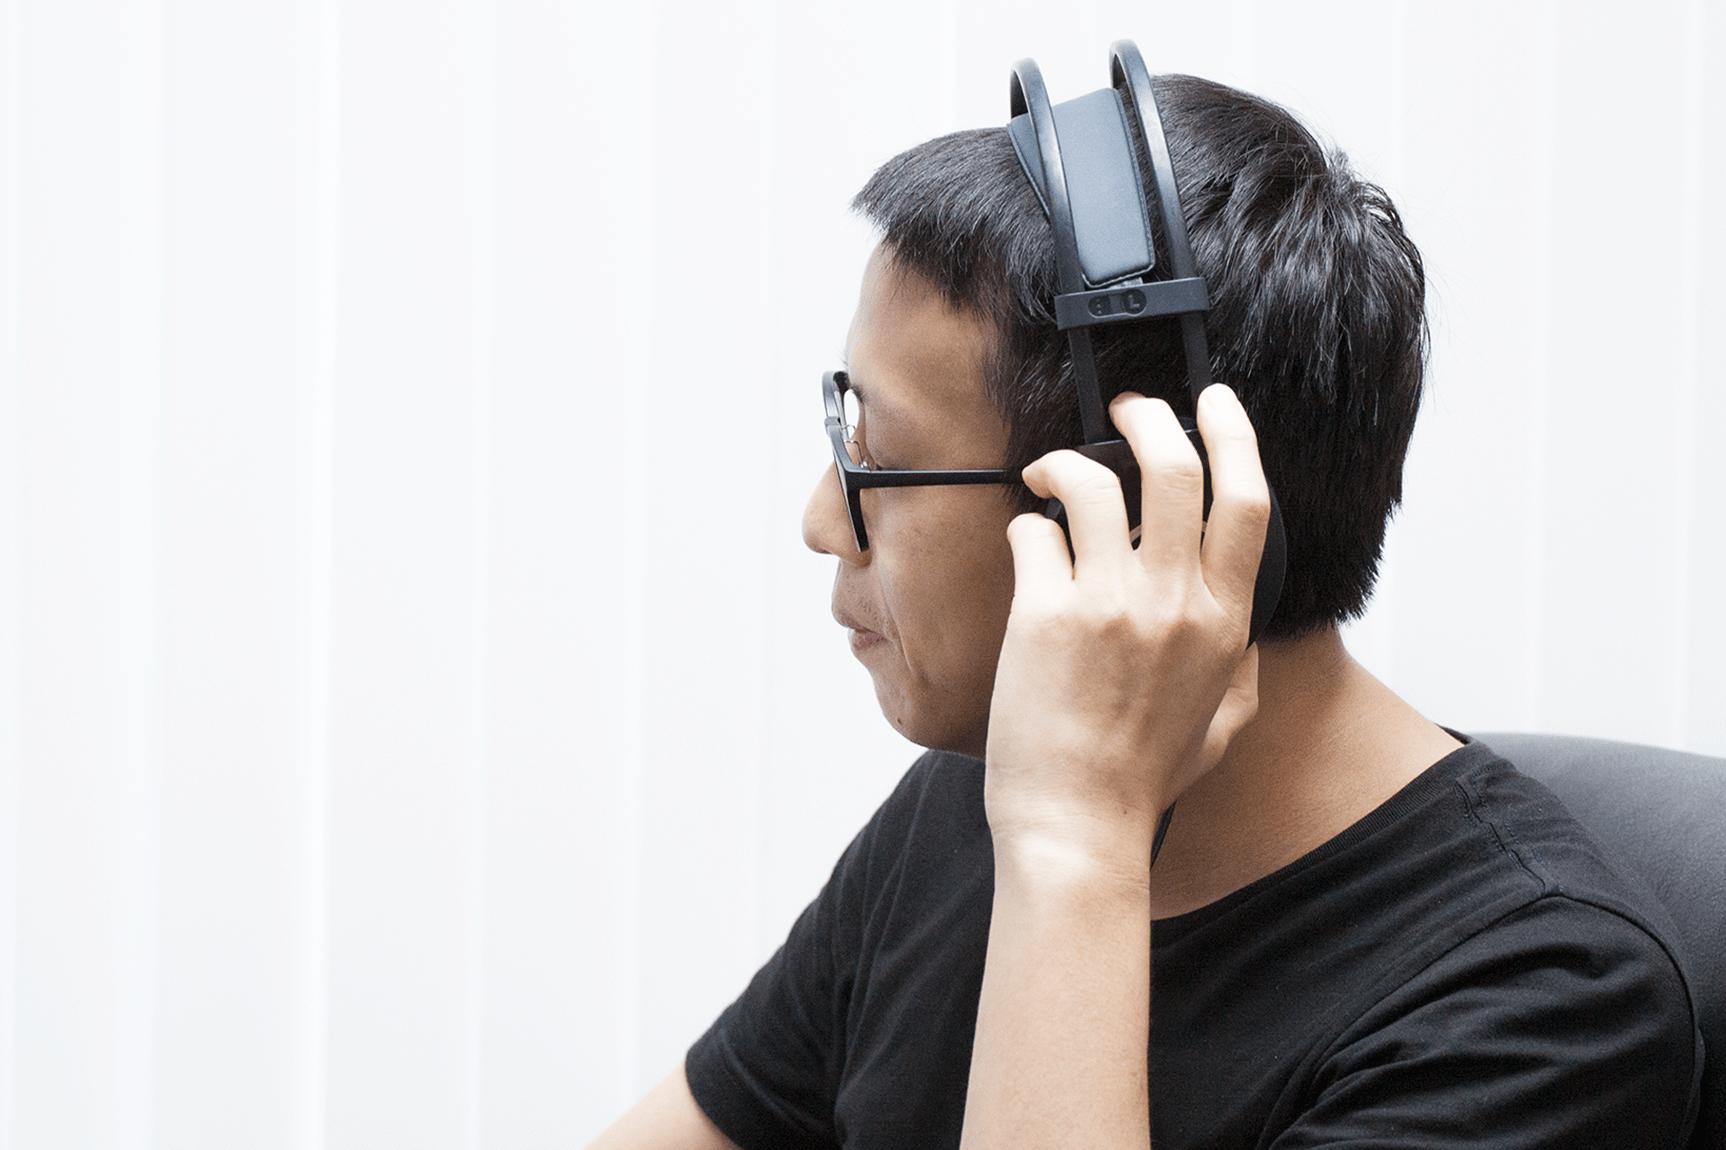 如何打破「會音樂」與「不會音樂」的高牆,利用科技創造更好的音樂學習介面,讓音樂欣賞與彈奏更好上手,便是蘇黎致力研究的目標。圖│研之有物